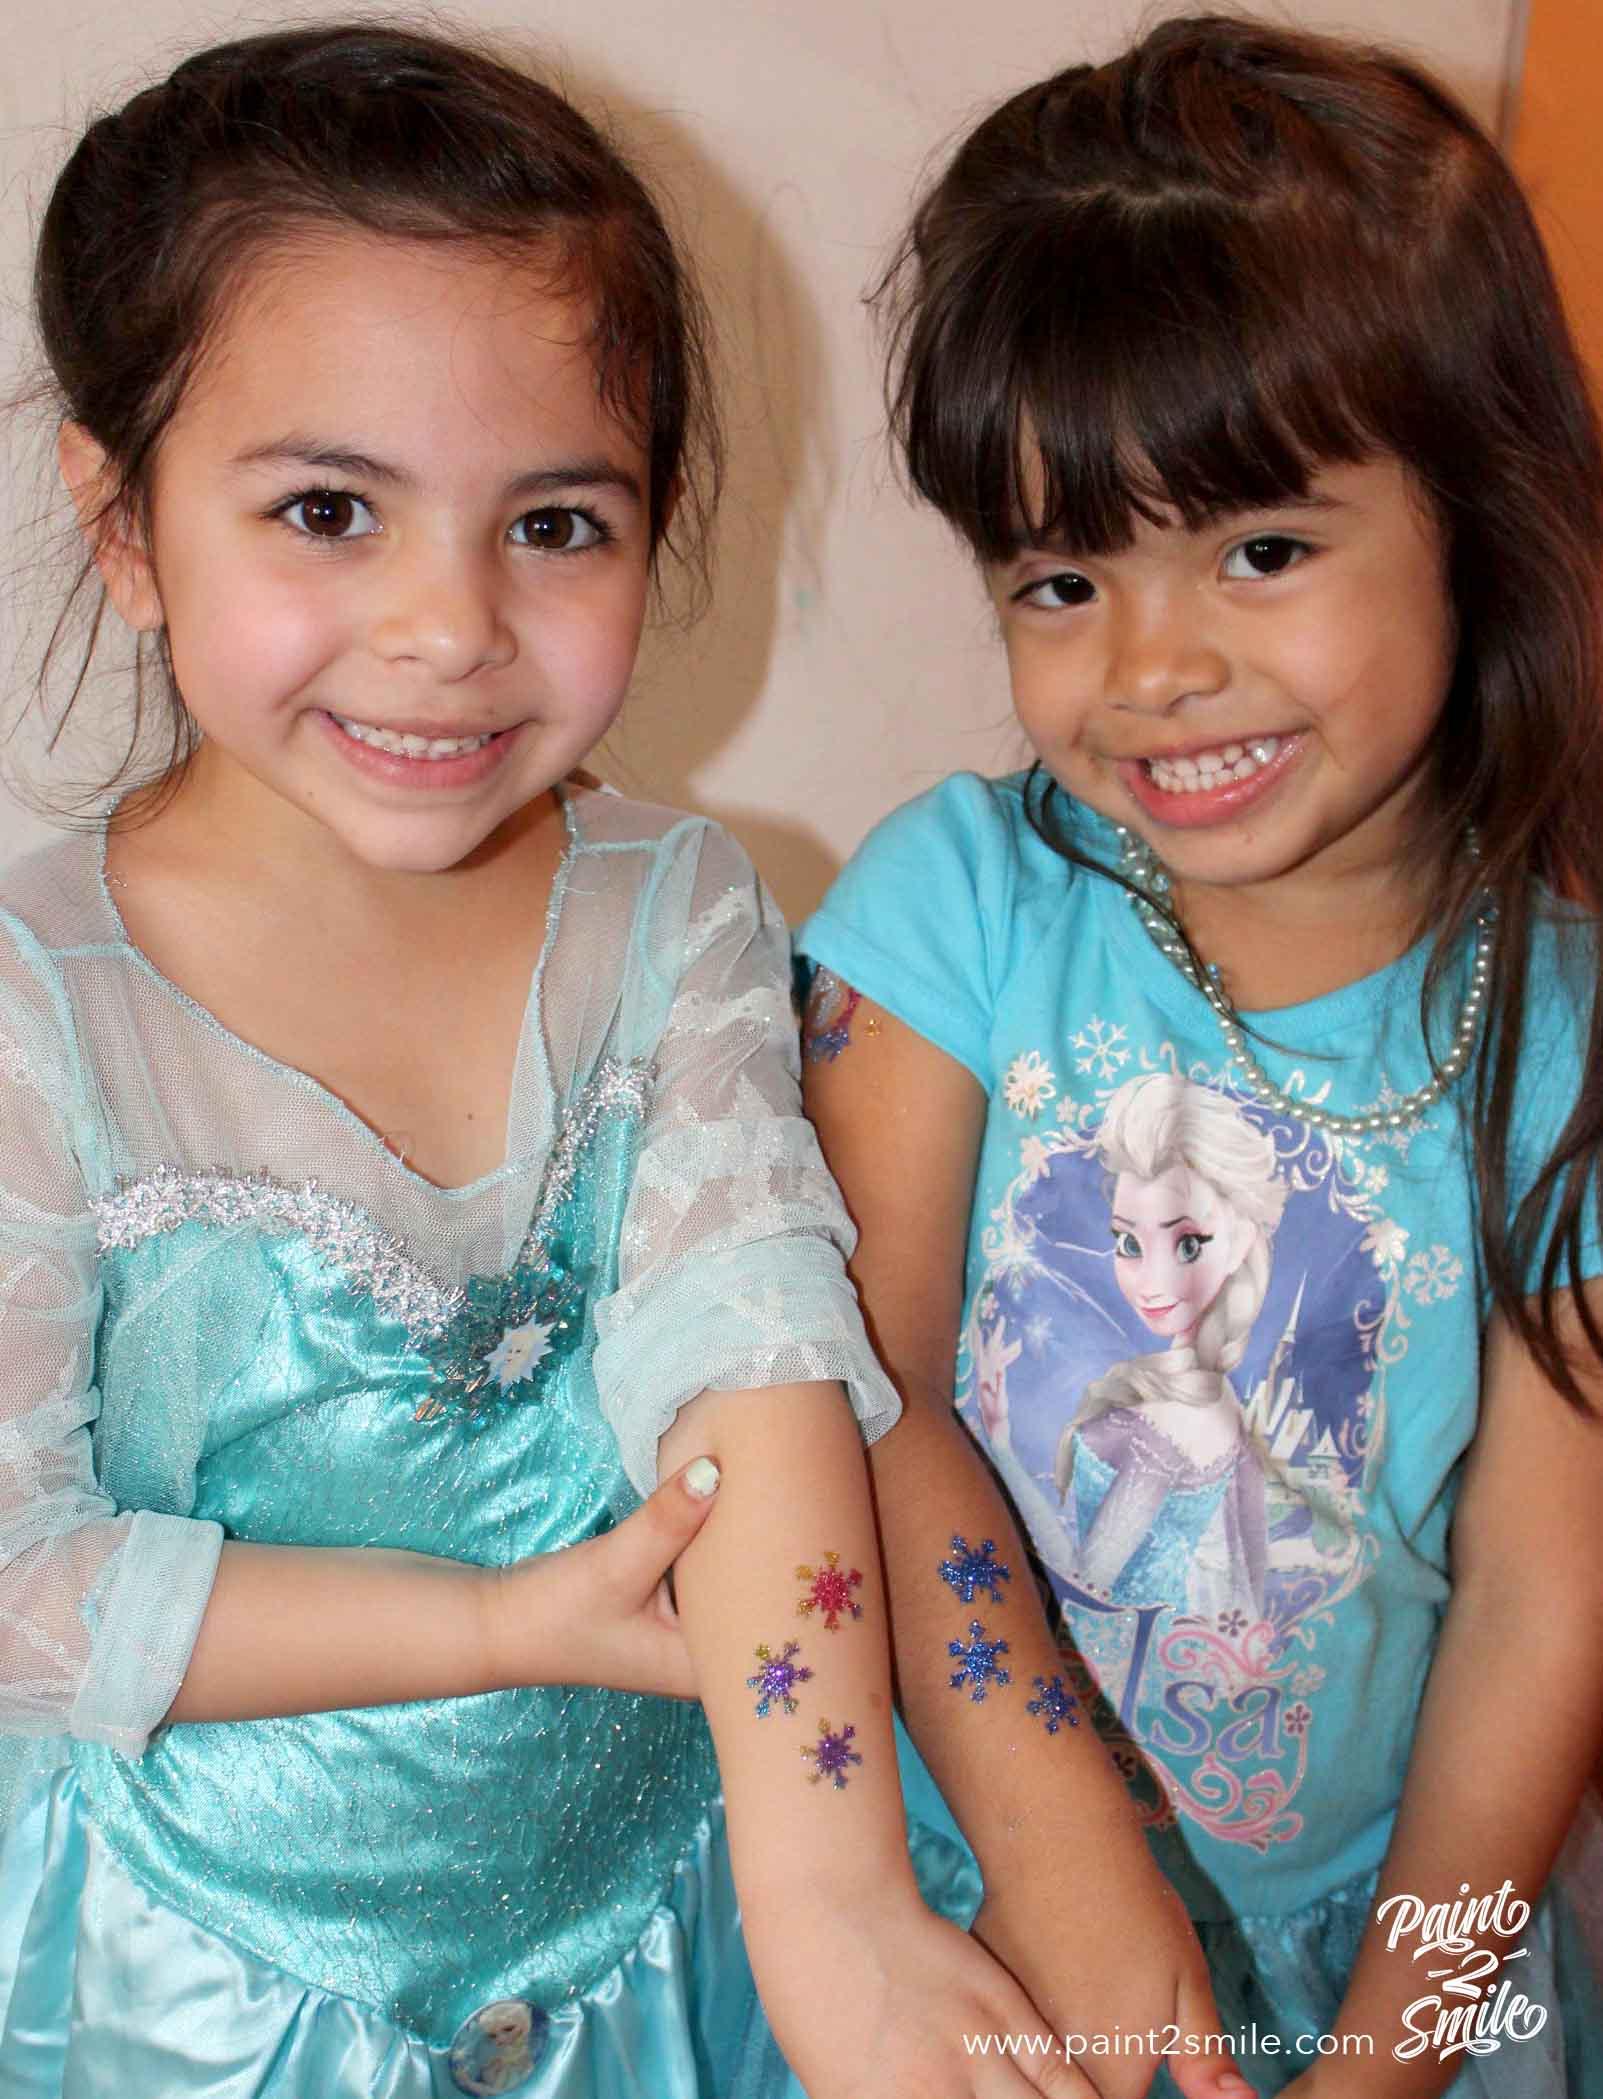 glitter tattoos snow flakes